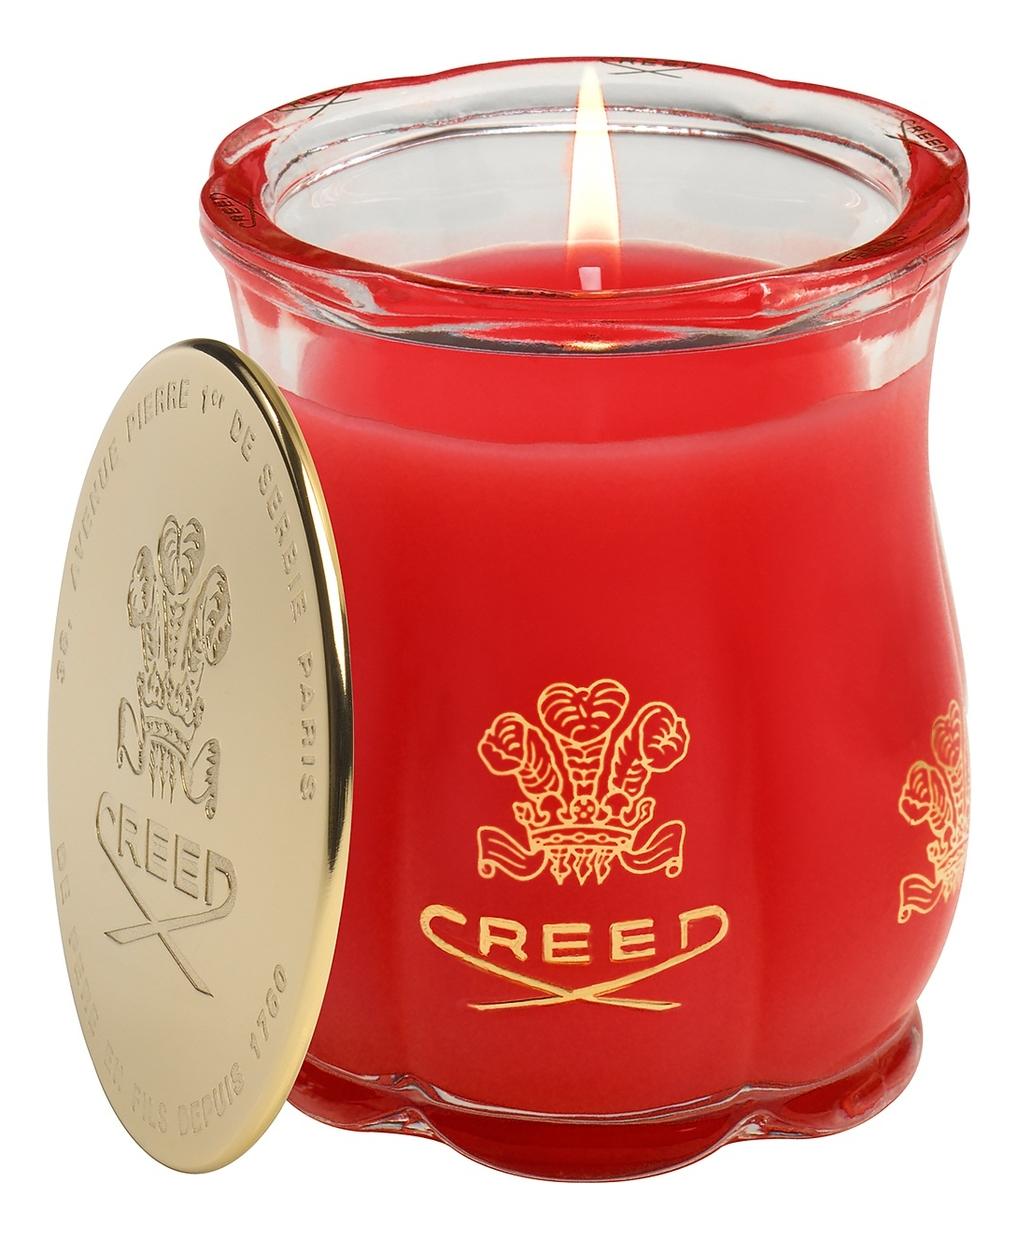 Фото - Ароматическая свеча Pekin Imperial: свеча 200г ароматическая свеча корица и гвоздика свеча 200г